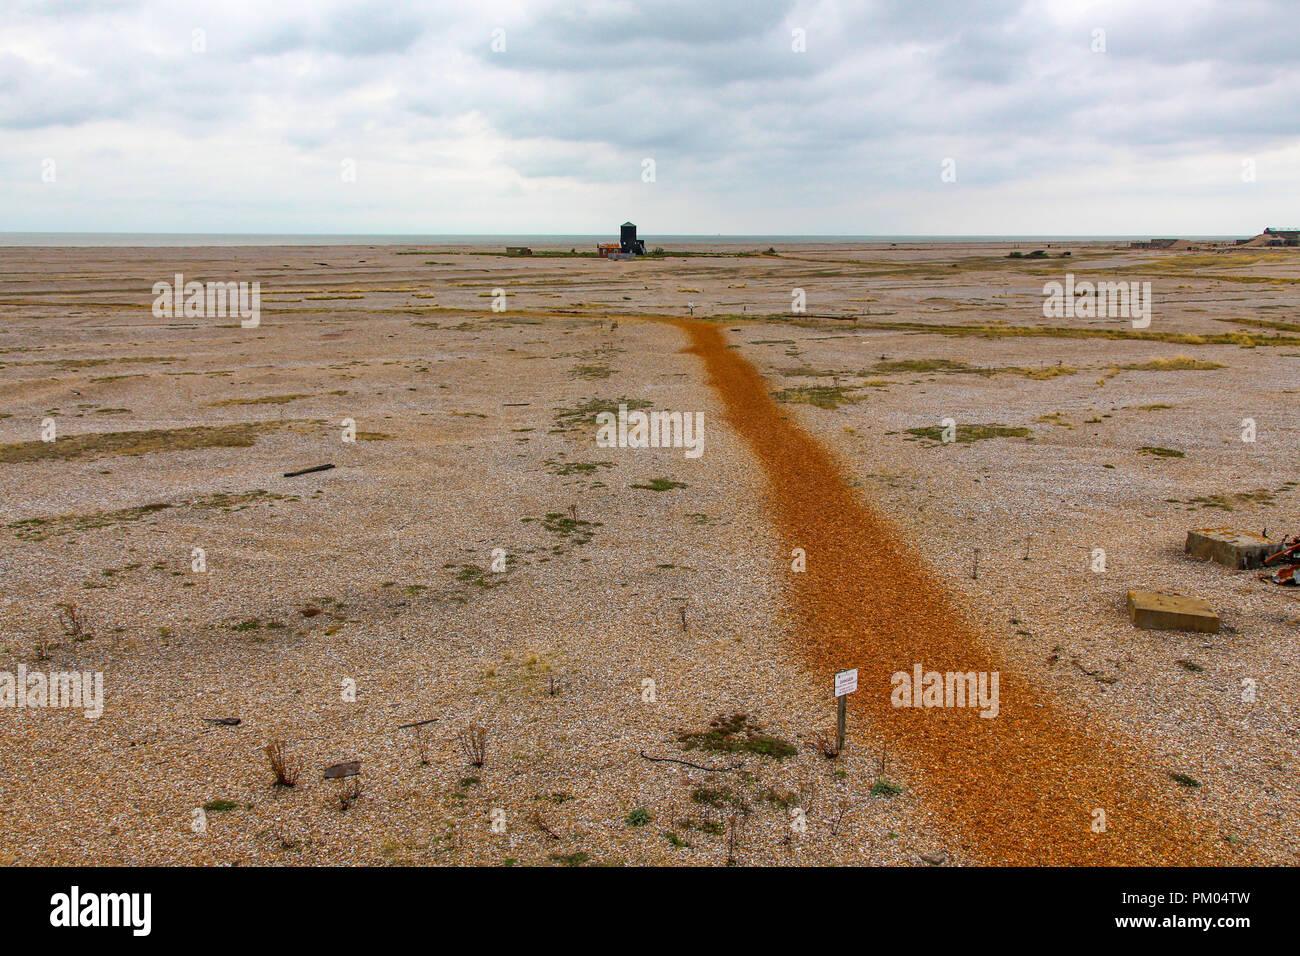 Mit Blick auf die schwarzen Rundumleuchte auf Orford Ness, Suffolk, England. Von der Bombe Ballistik Gebäude. Stockfoto